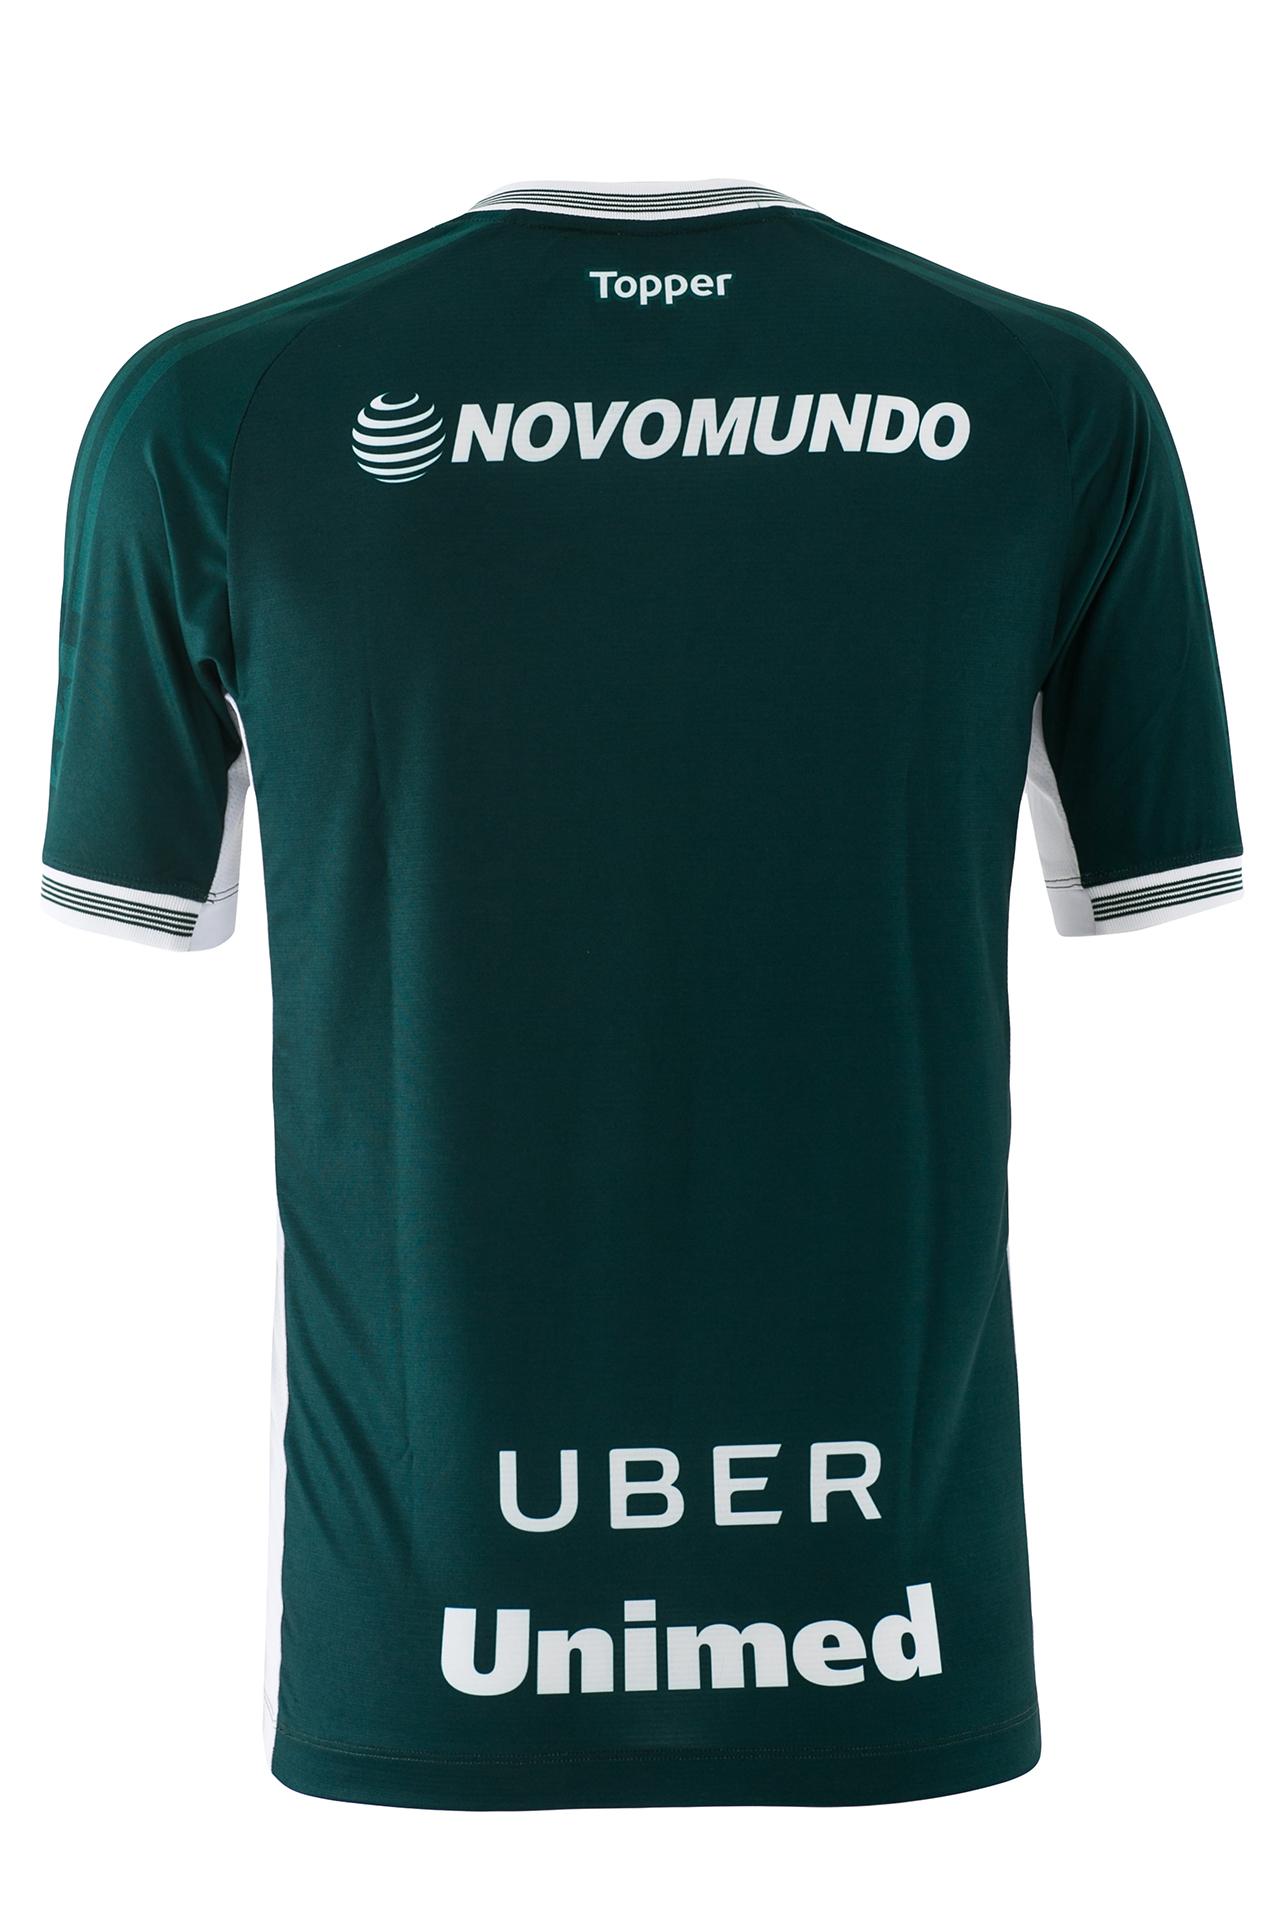 b8fa6d191fb55 Goiás valoriza ícones regionais em novas camisas 1 e 2